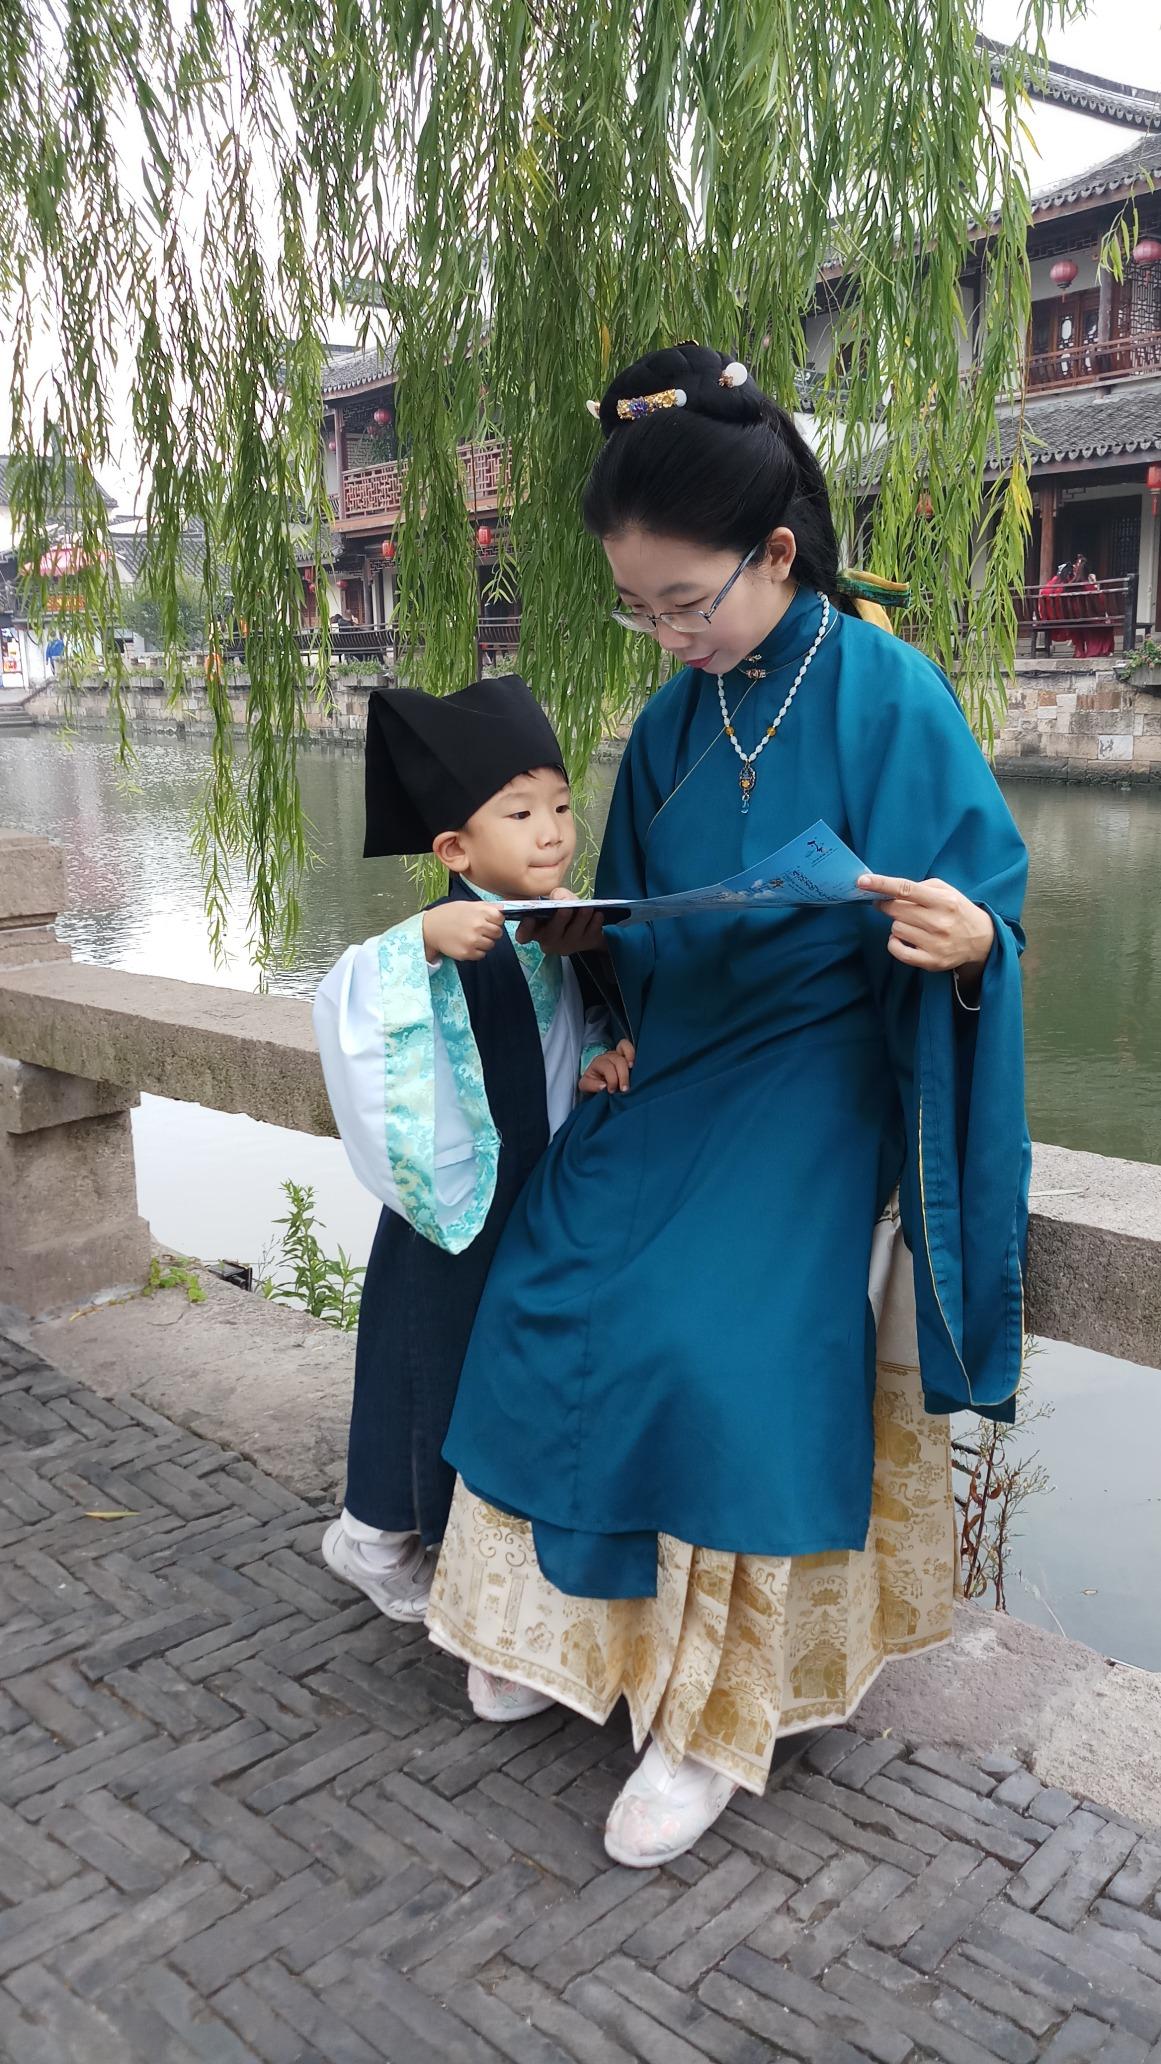 當代中國-中國旅遊-中國文化-漢服-C-漢服香港-8